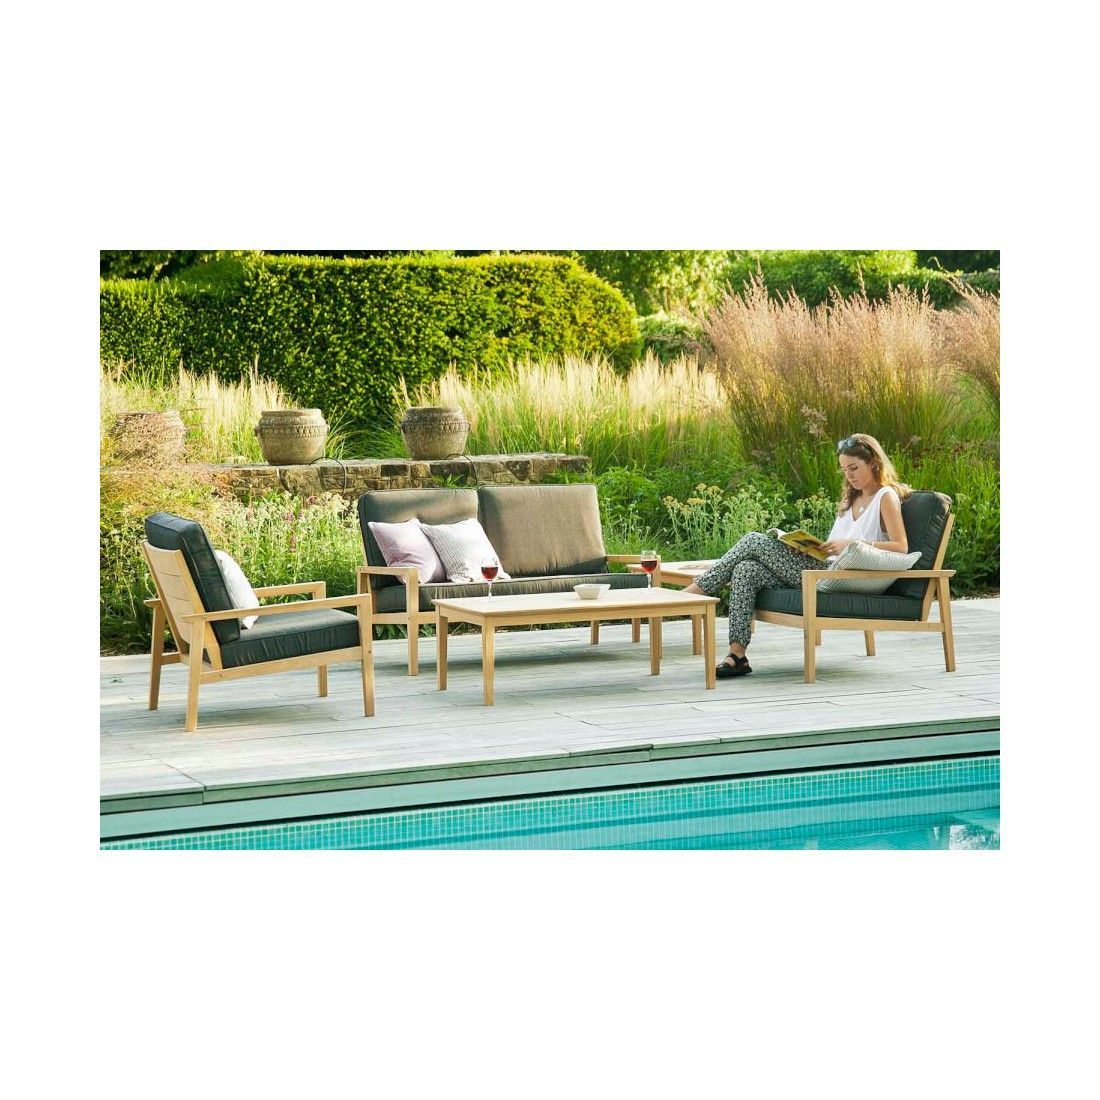 Table basse en bois pour salon de jardin 120 cm, haut de gamme